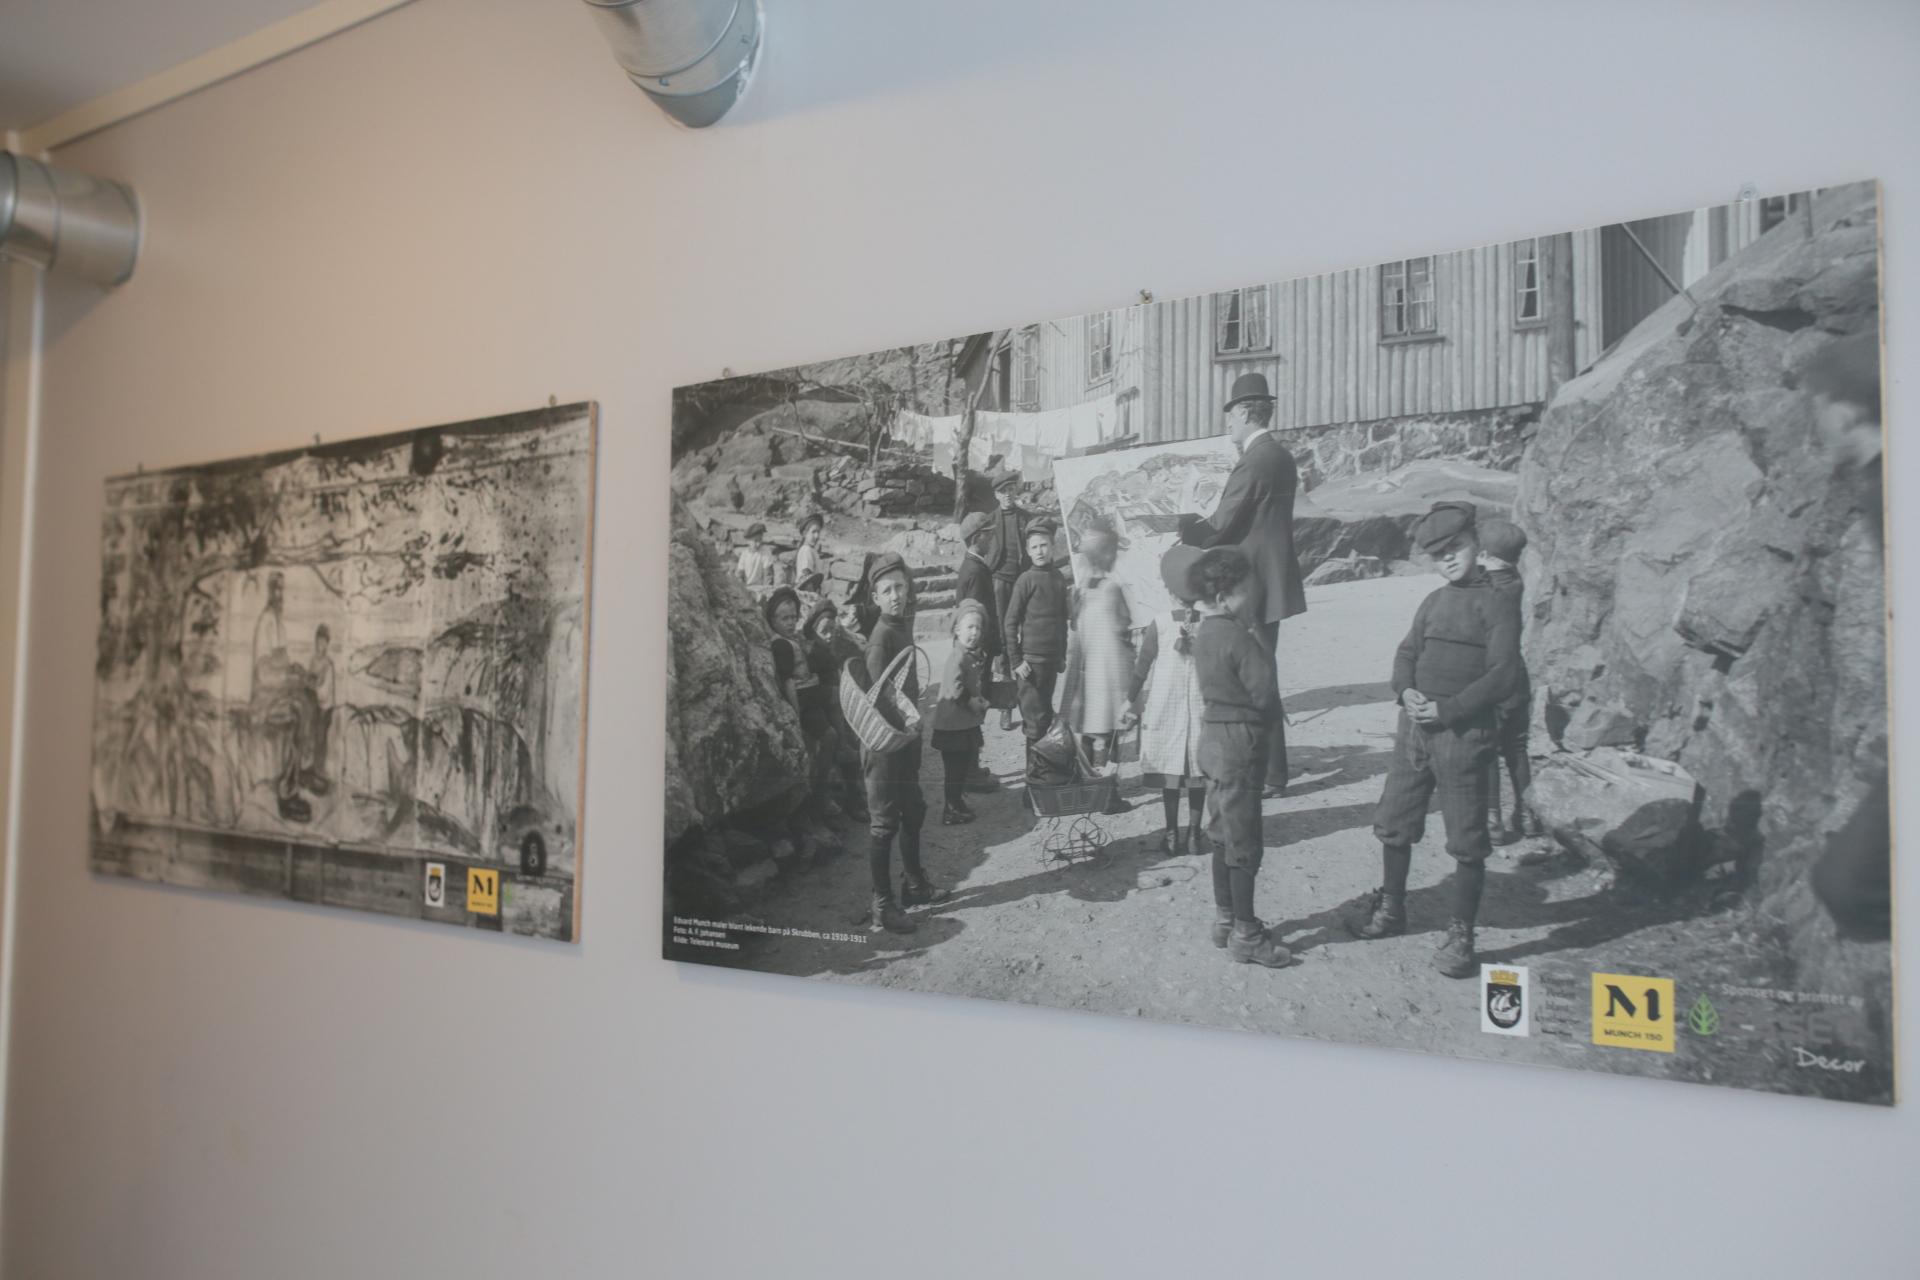 当時のクラーゲリョー、ムンクの制作風景。私は画集でこの写真からクラーゲリョーを子供の頃から知っていました。